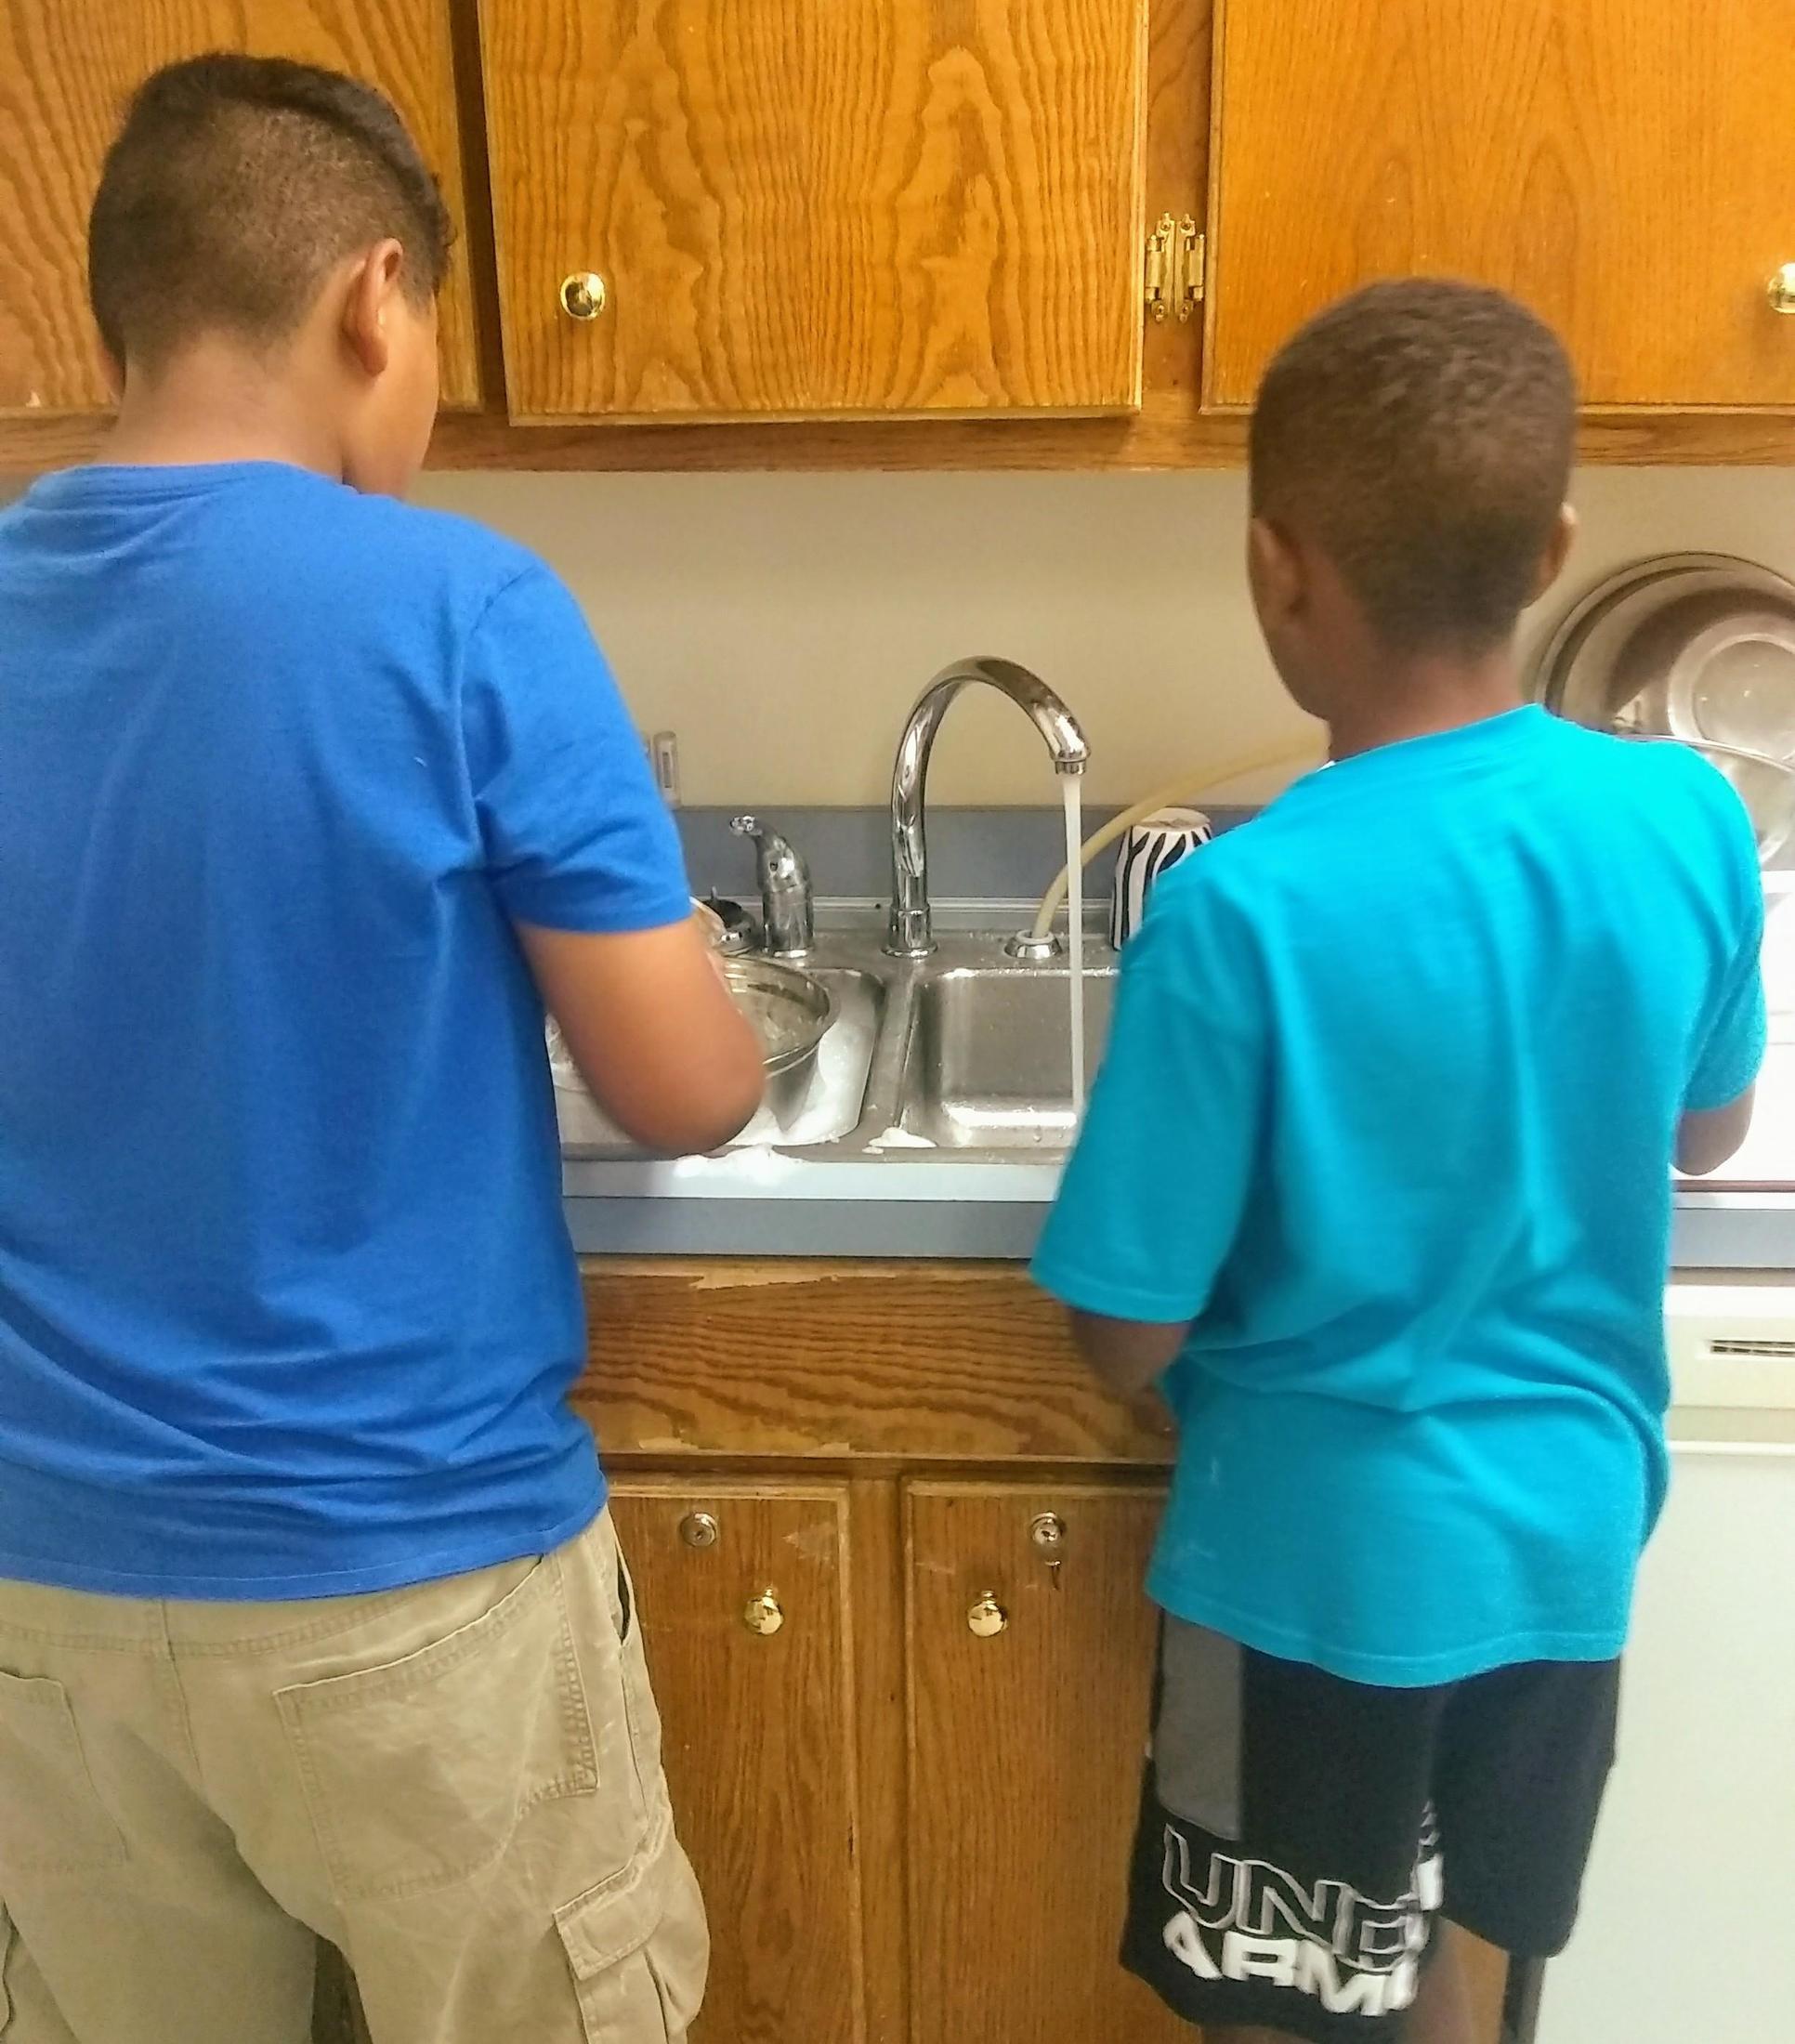 boys washing dishes